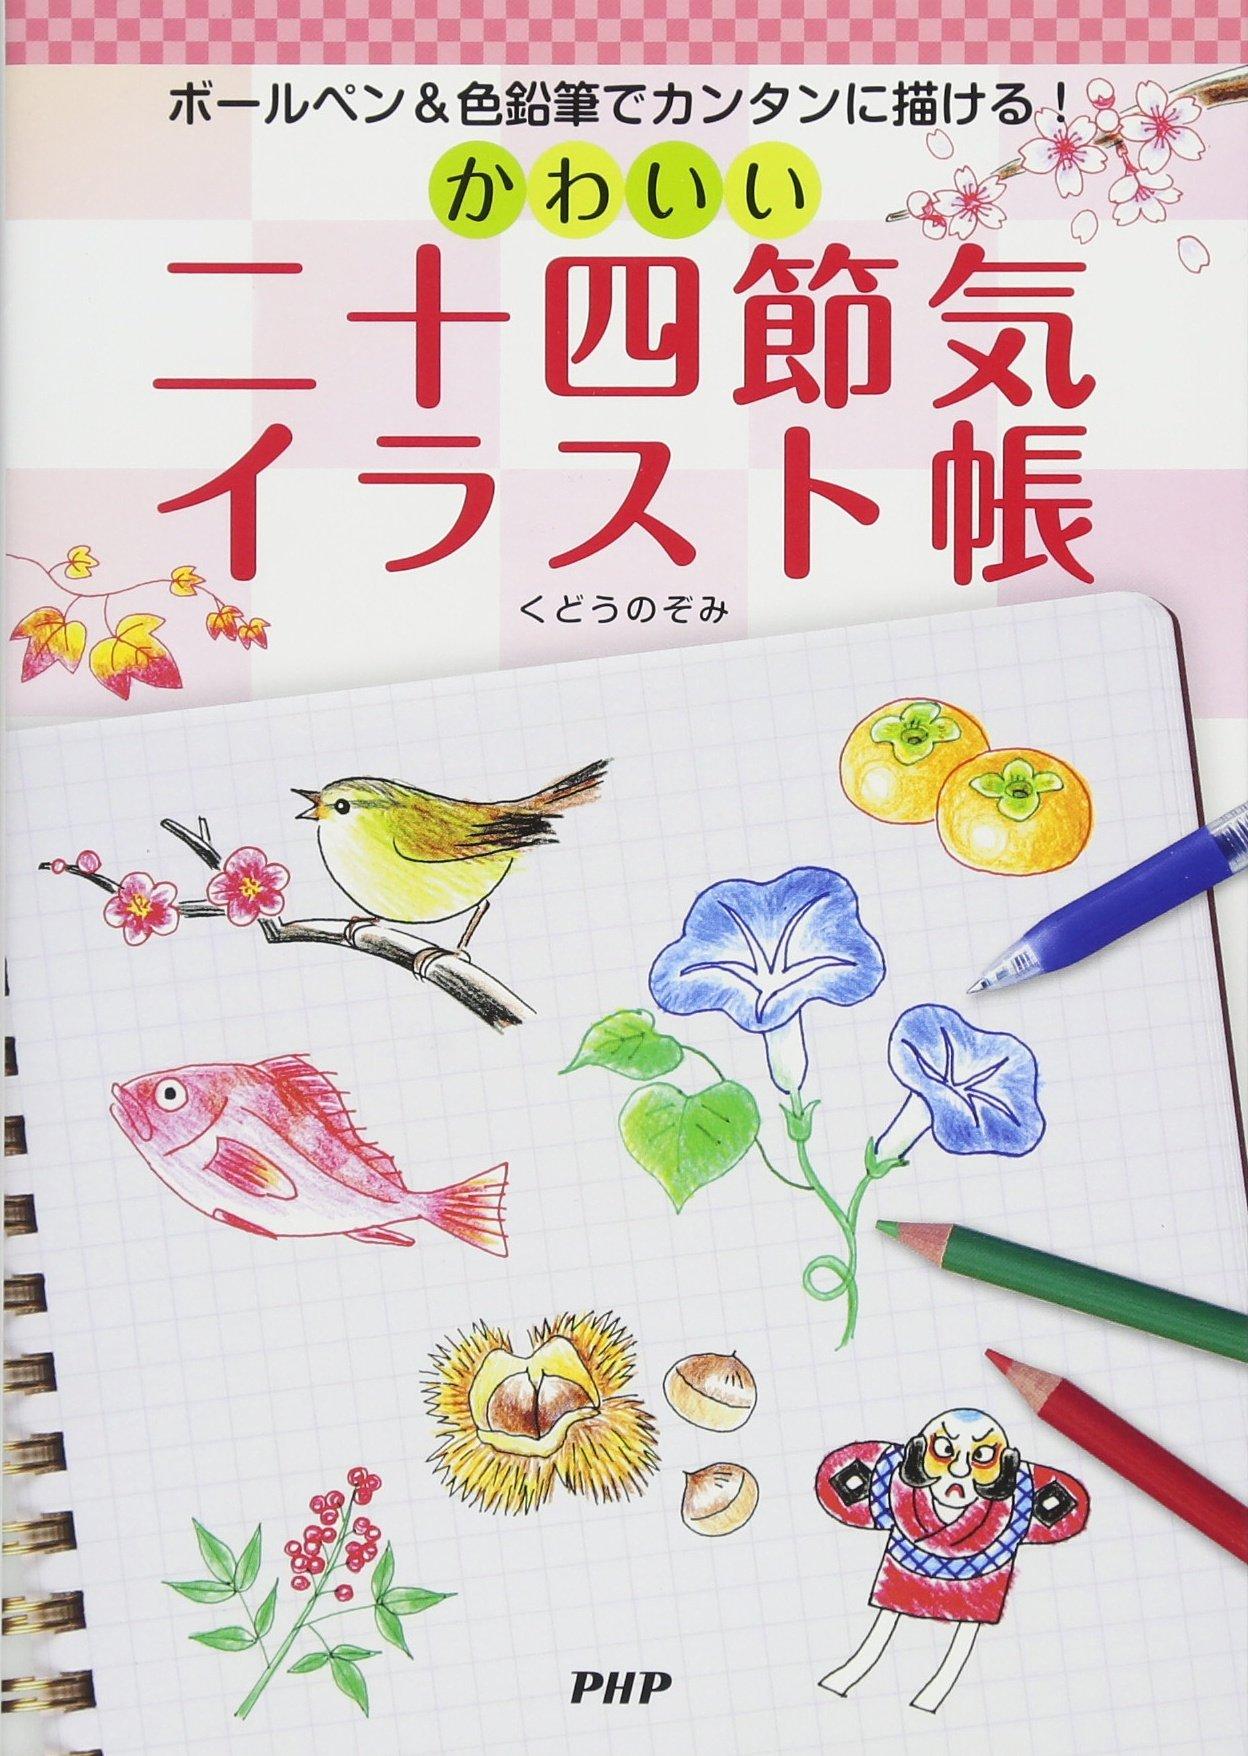 ボールペン&色鉛筆でカンタンに描ける! かわいい二十四節気イラスト帳 ...